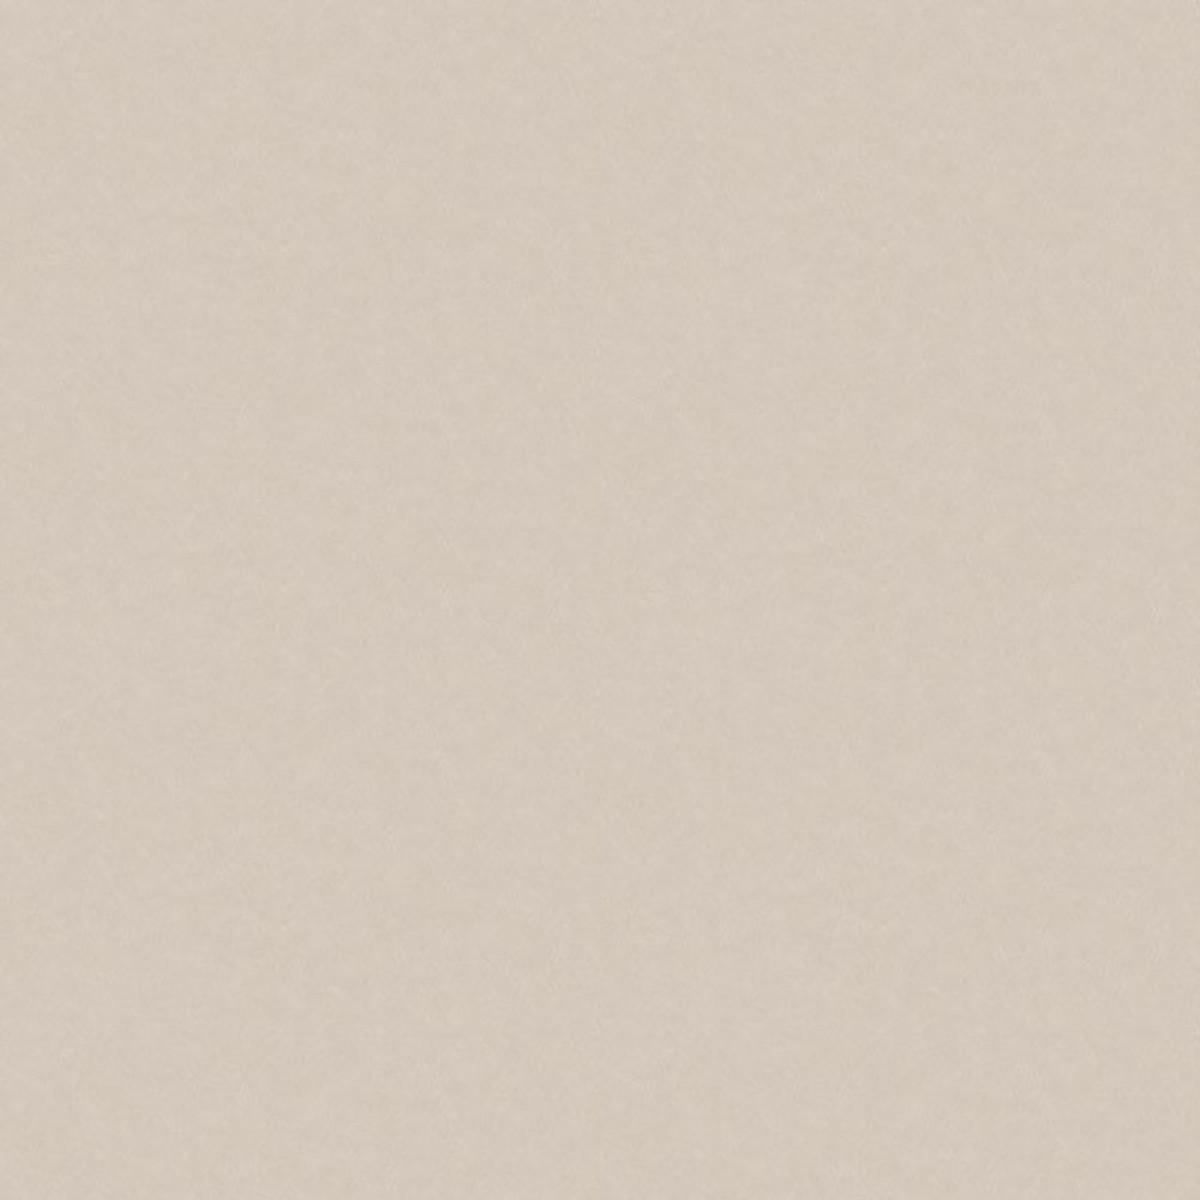 Обои виниловые Gaenari белые 1.06 м 87408-6